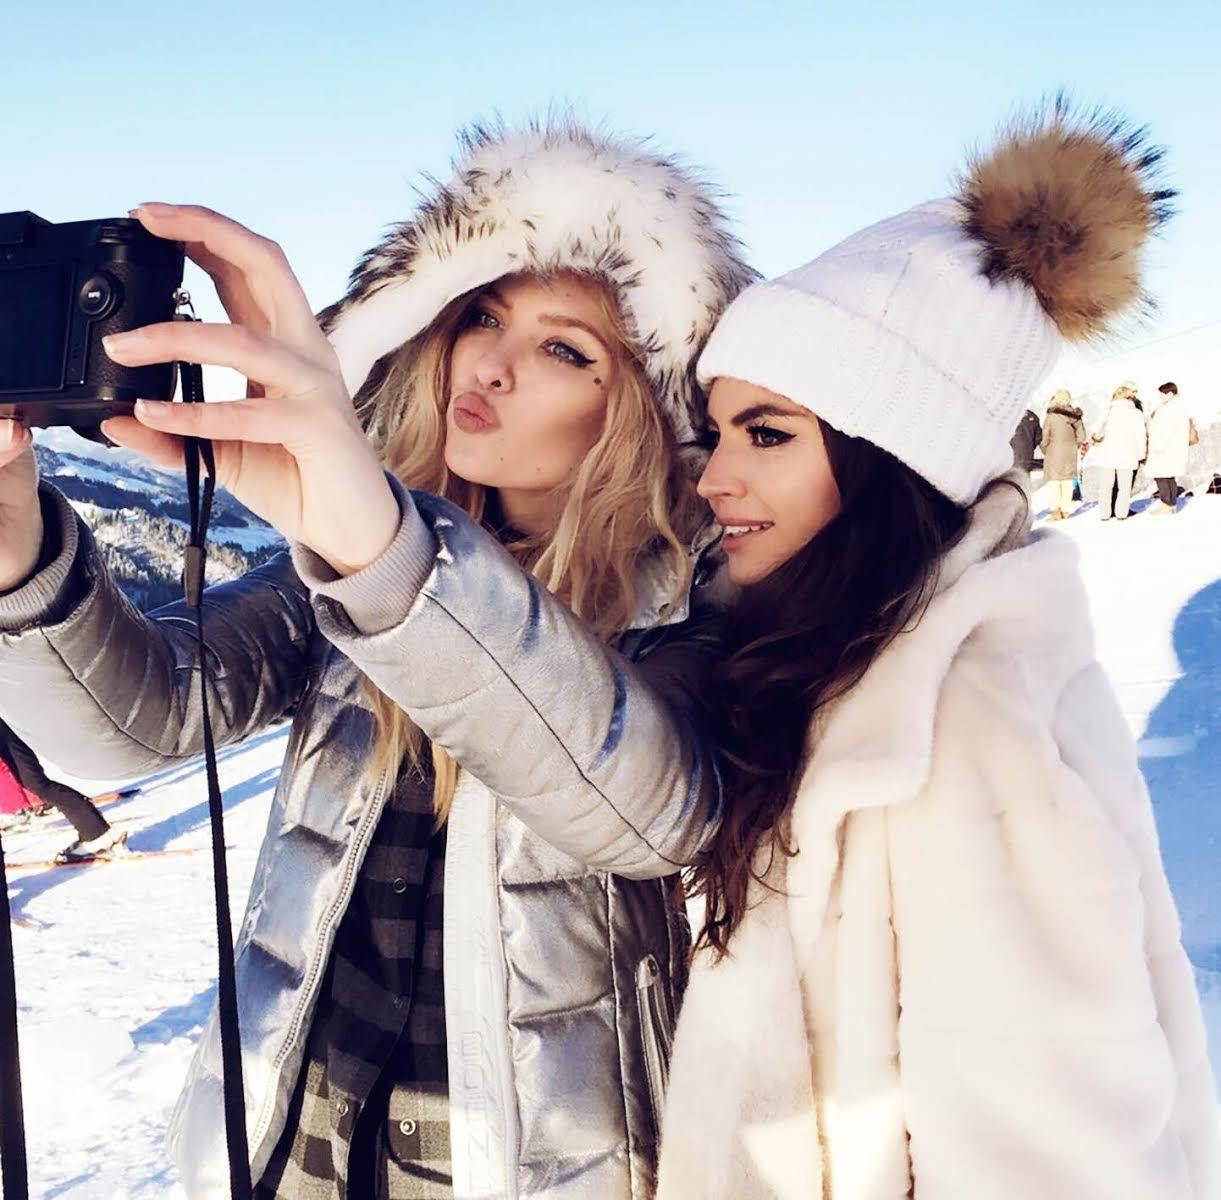 покупаете зимние фотосессии на улице с подругами задать кому-нибудь